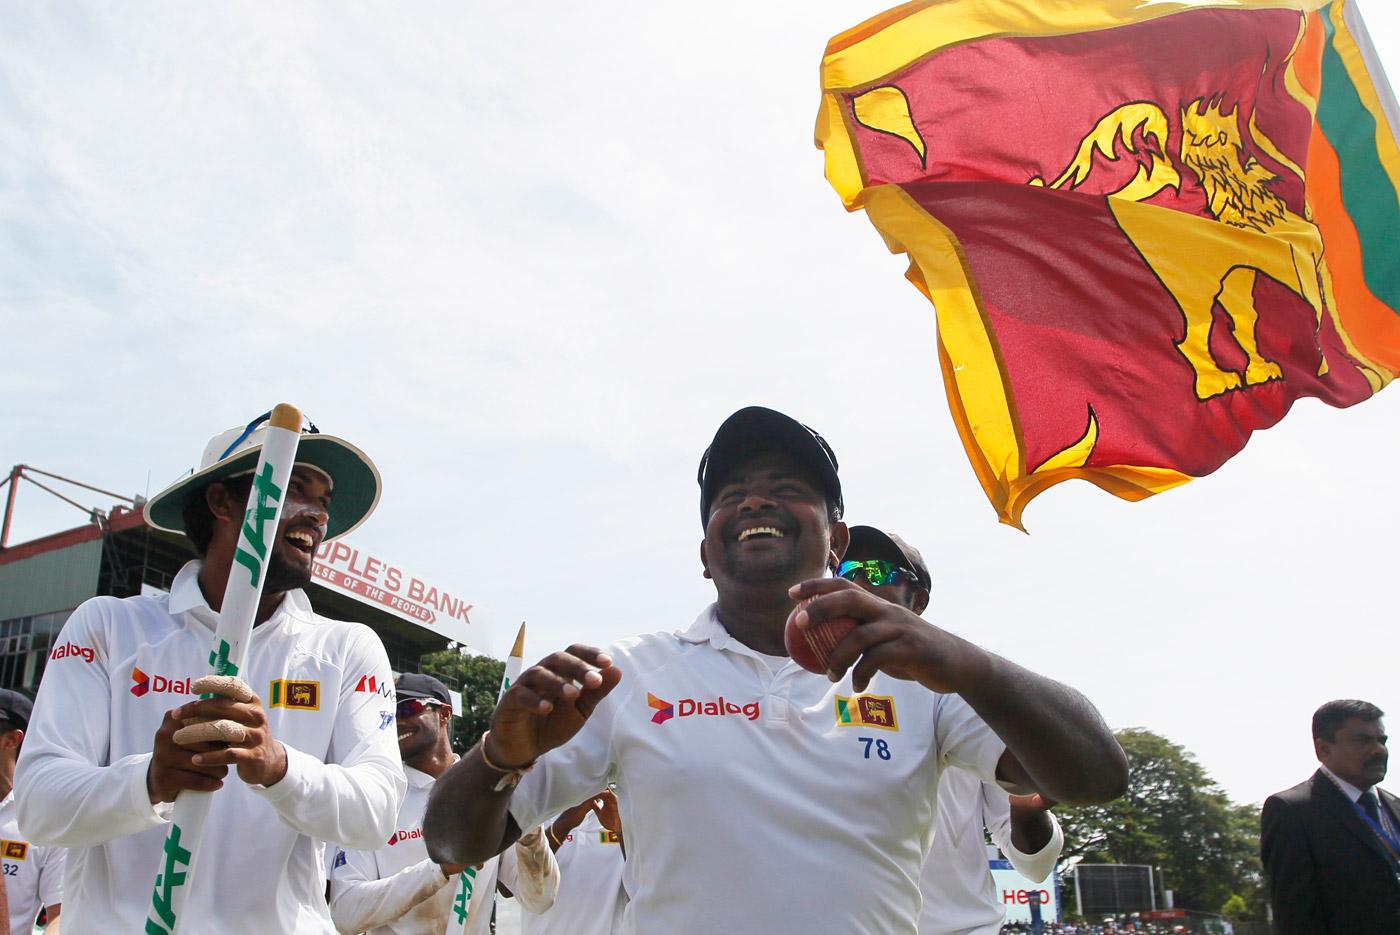 Rangana Herath celebrates Sri Lanka's win